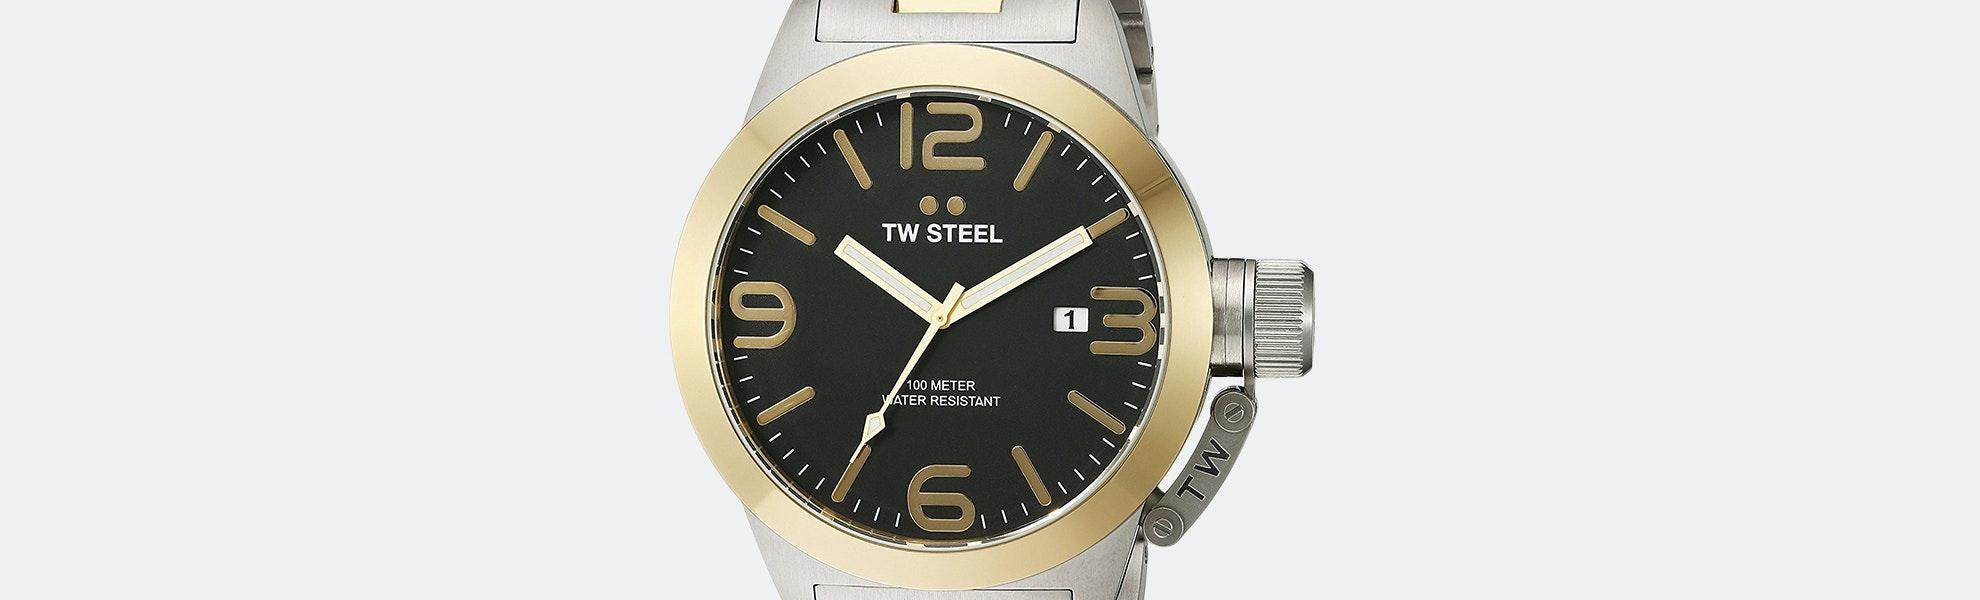 TW Steel Canteen Quartz Watch